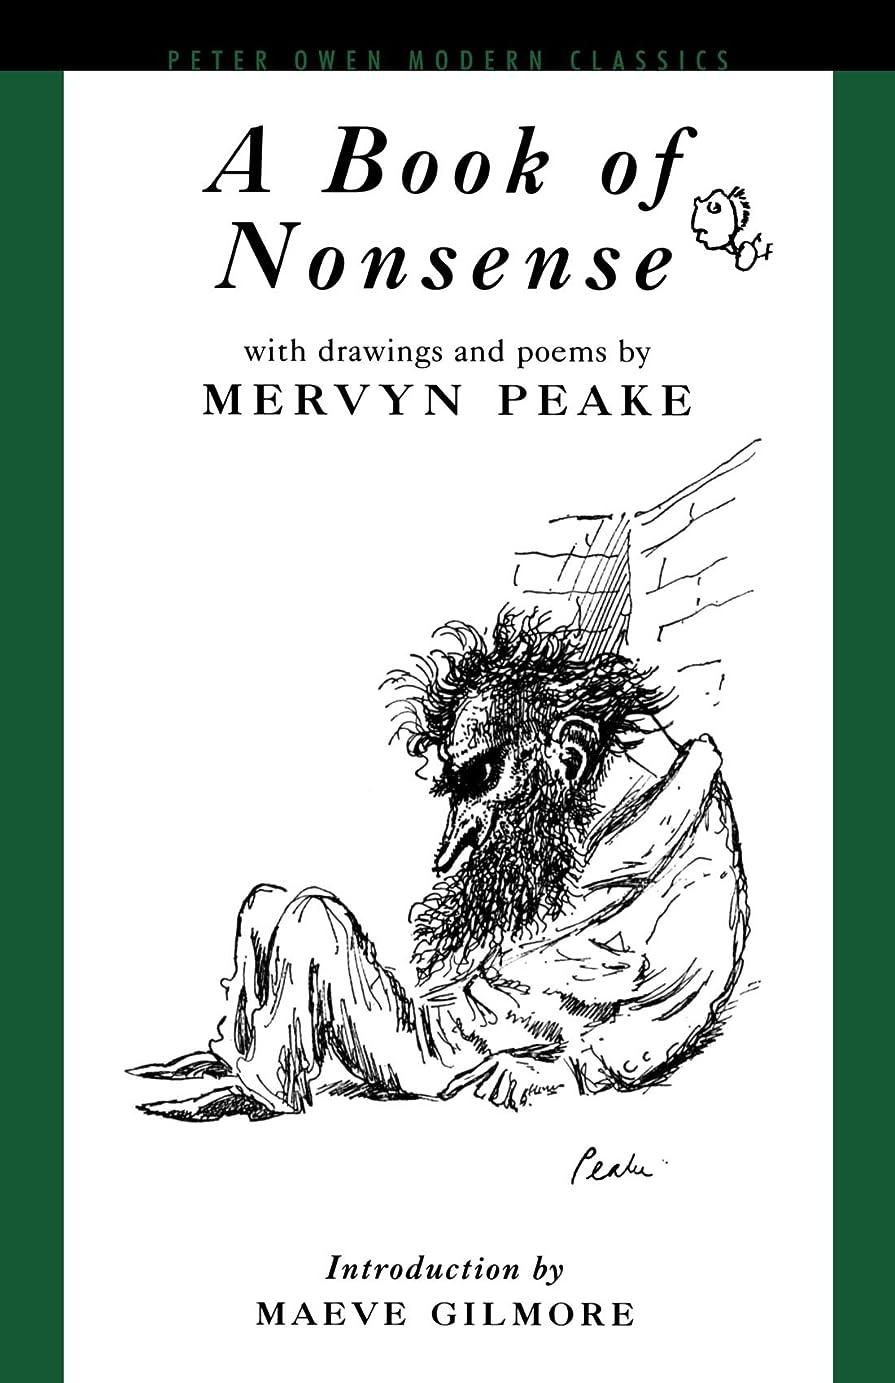 Book of Nonsense, A